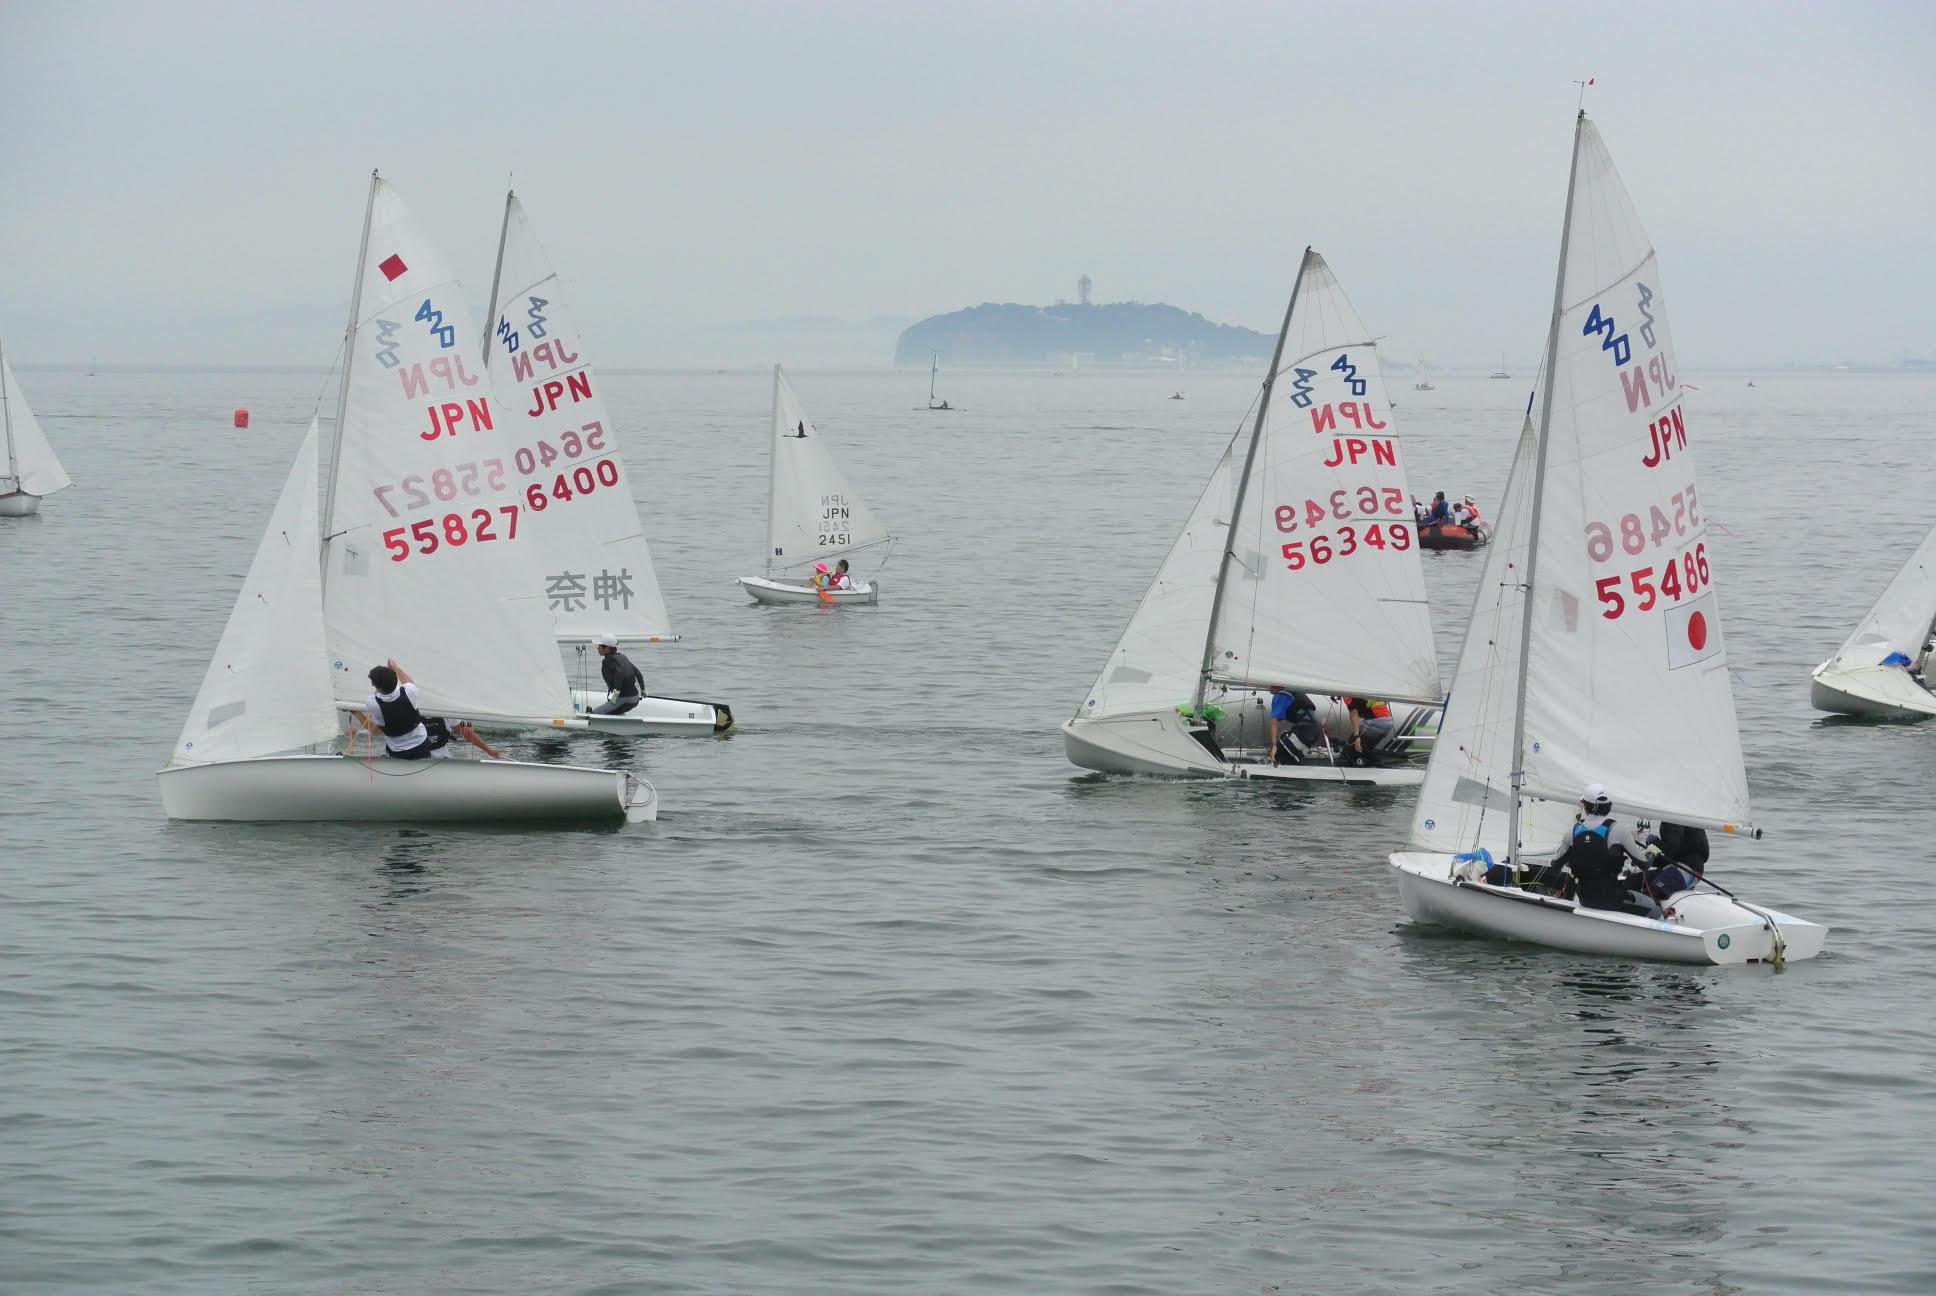 ヨットレース中。海にはたくさんのヨットが並び、競い合っている。